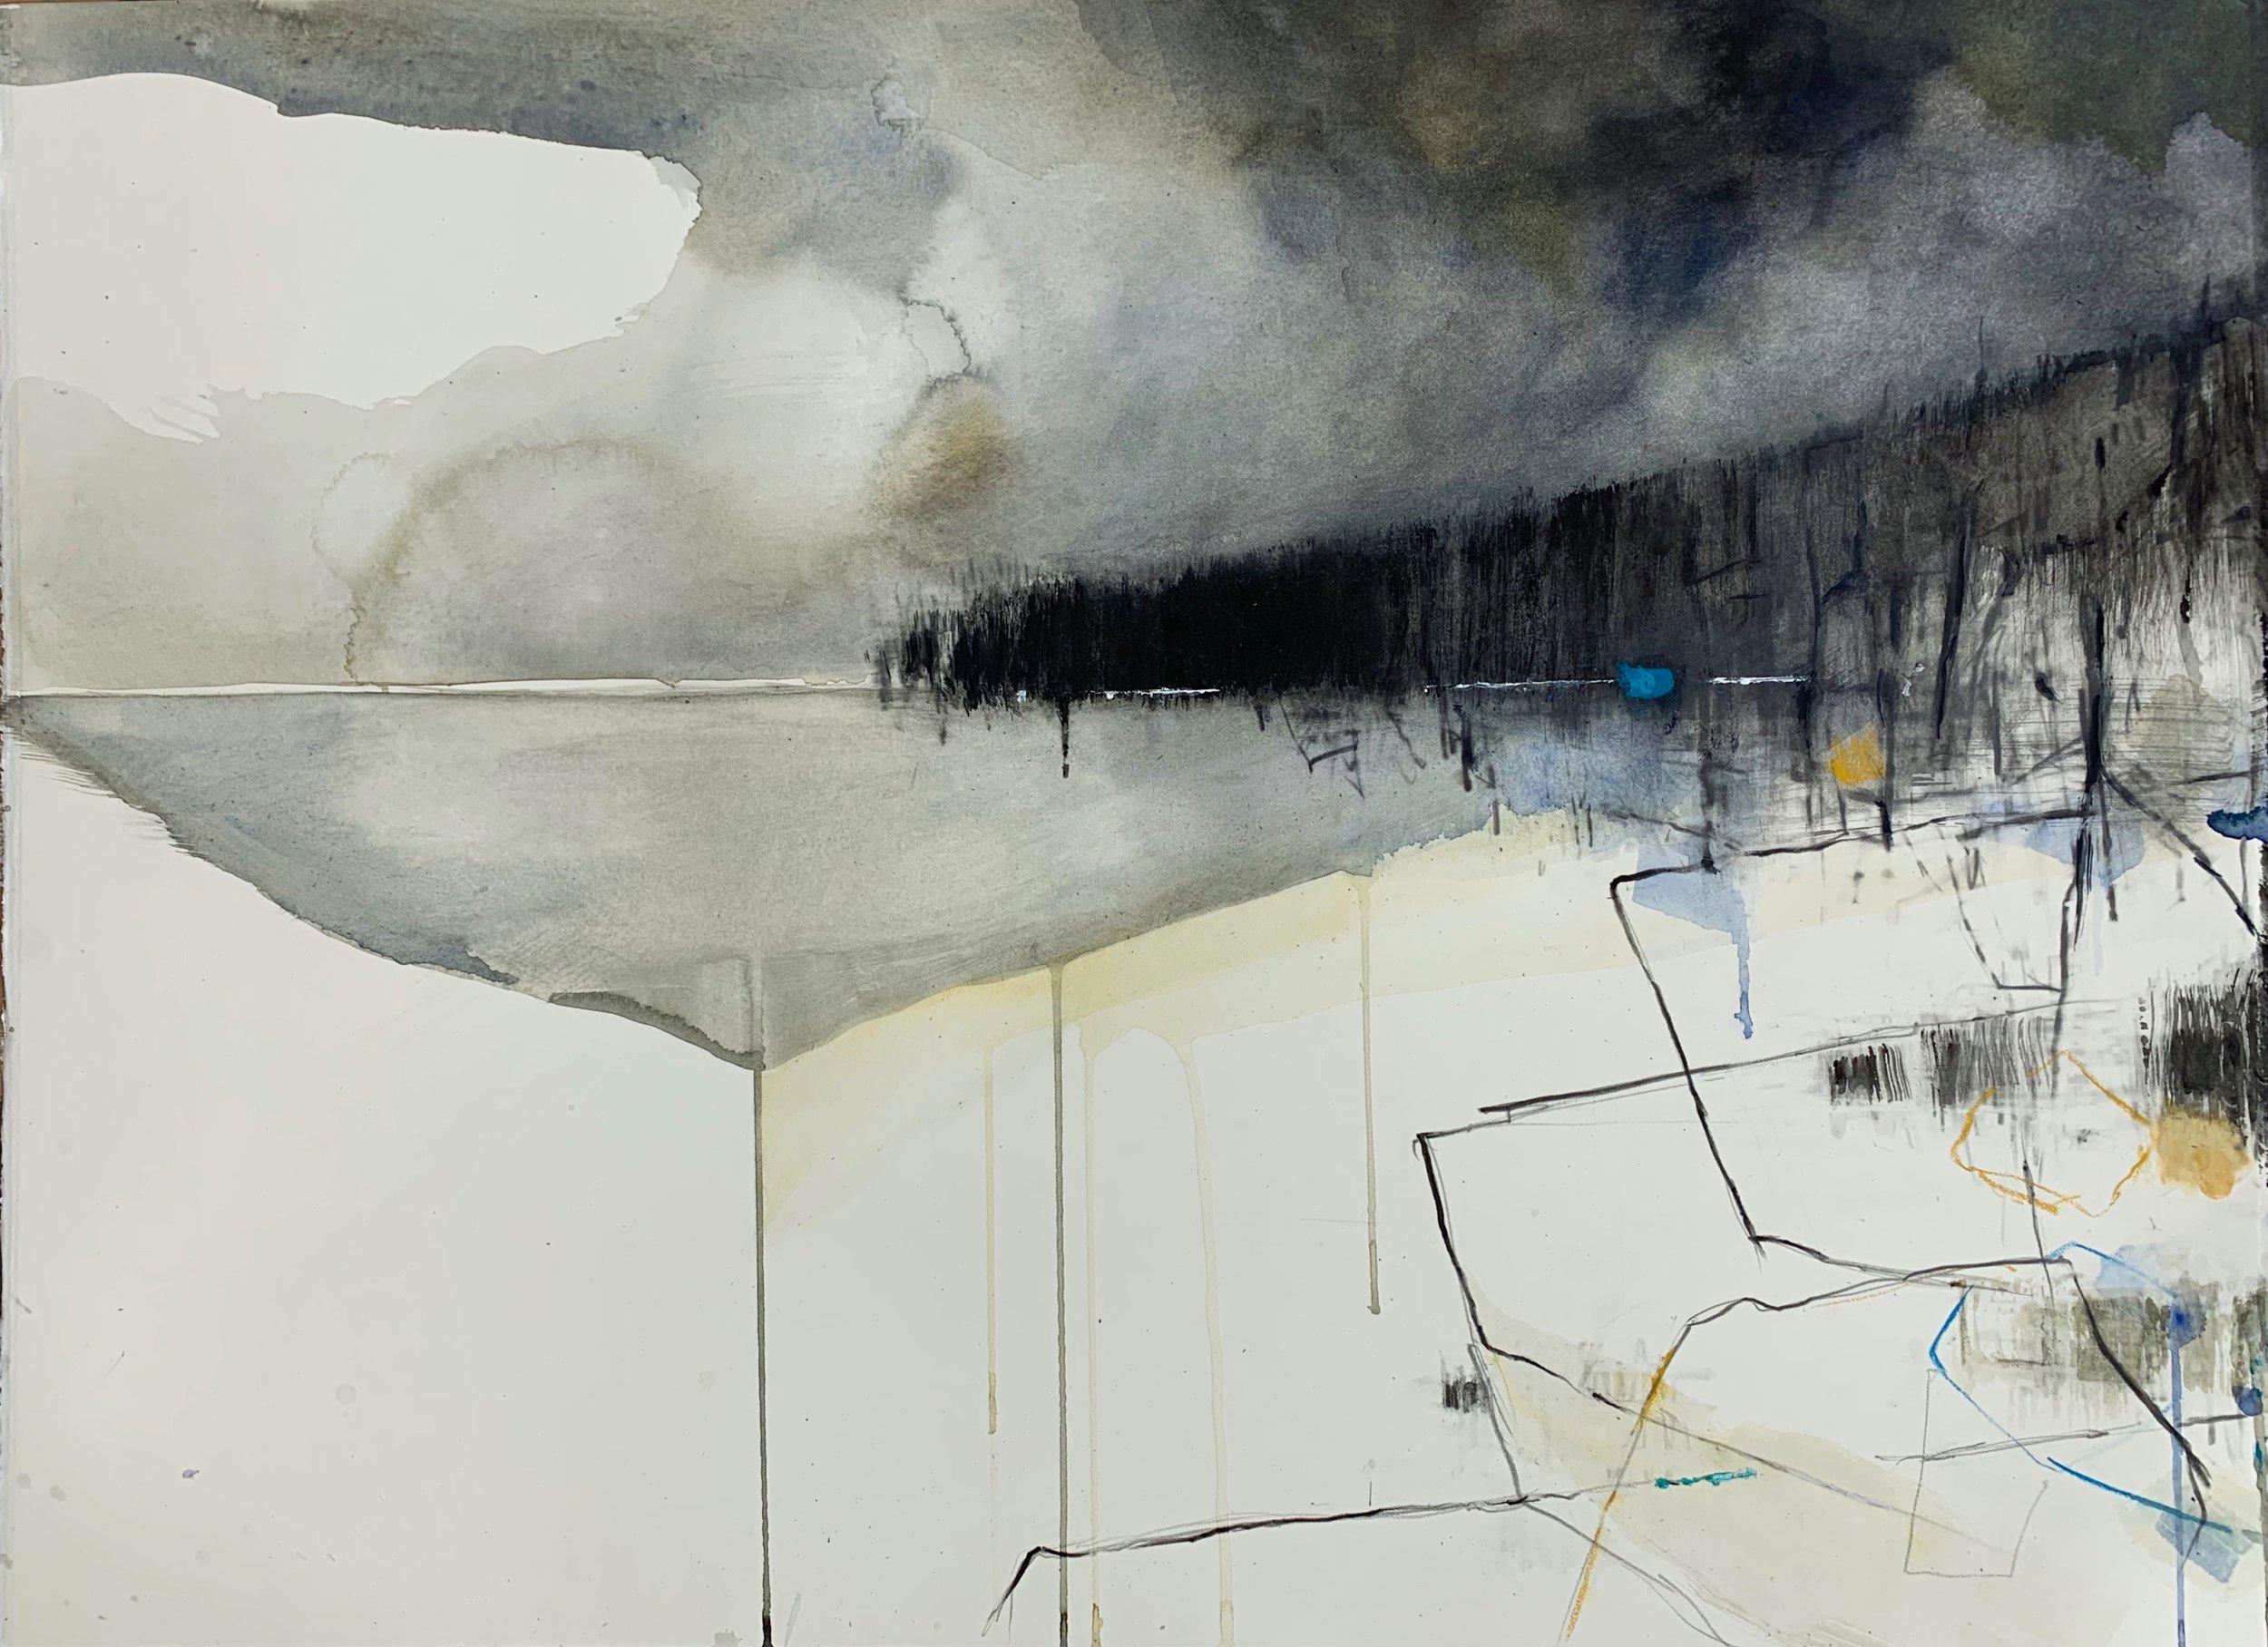 Cornish Headland, Rain.  Graphite, oil, watercolour and gesso on paper. 56 x 76cm